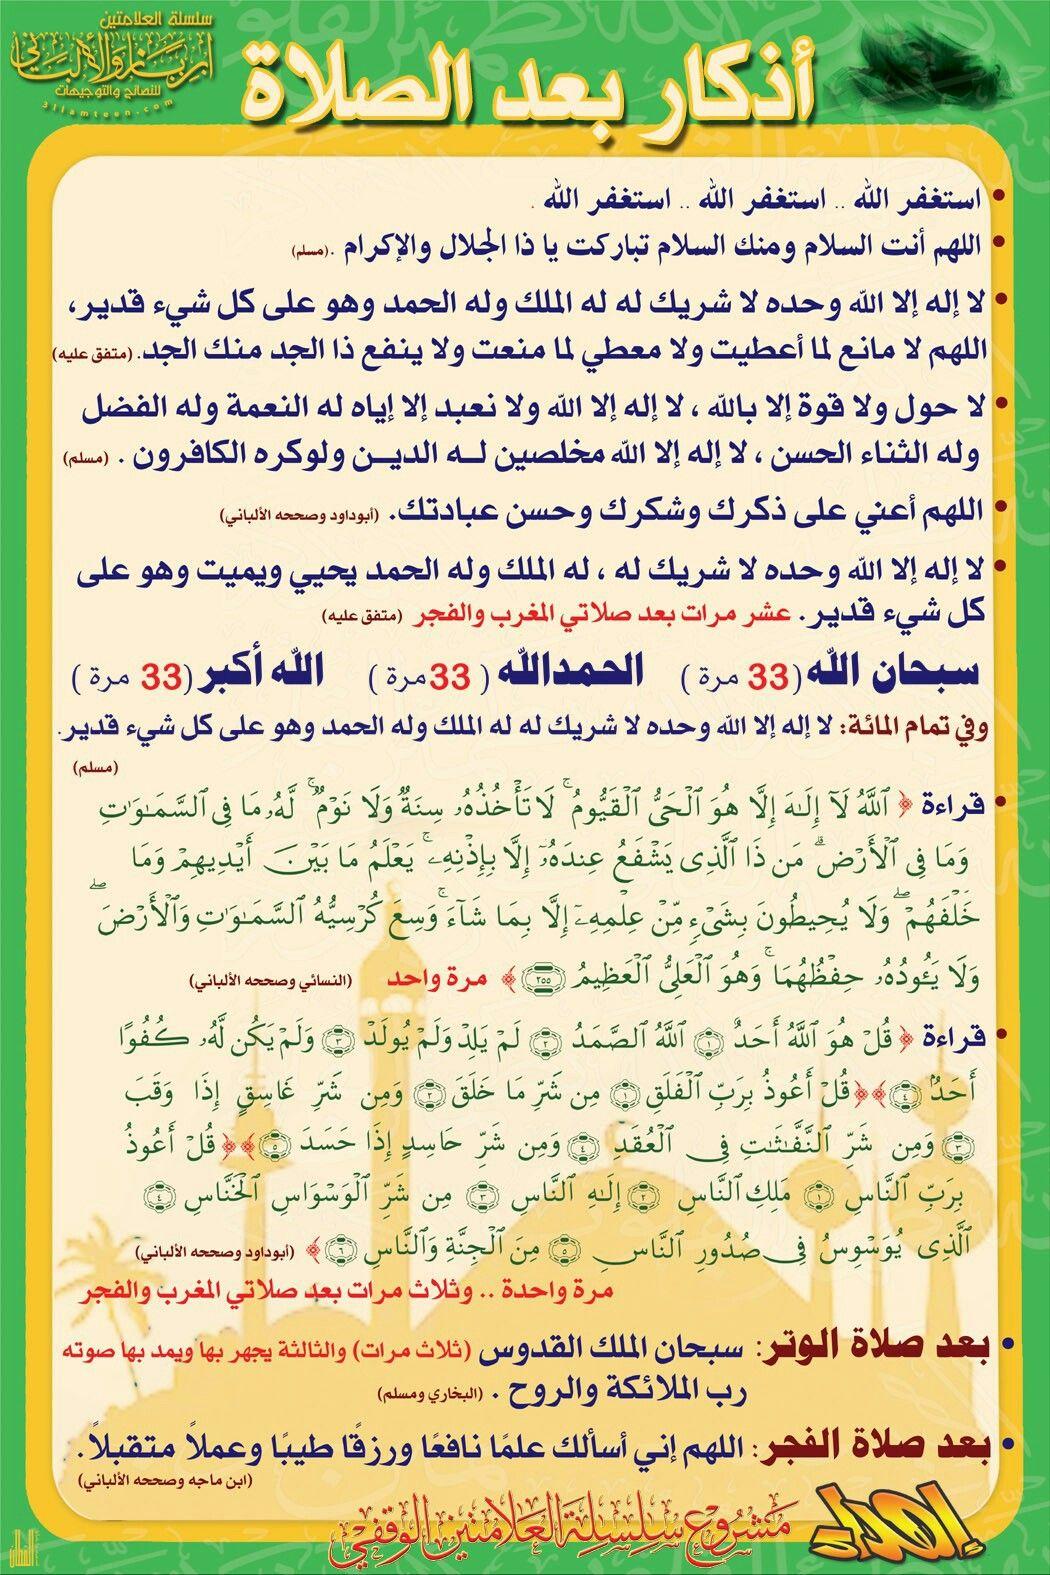 حان وقت صلاة الفجر لاتنسوا الدعاء مستجاب بين الأذان والاقامة صلاة الفجر اذكار الصلاة Quotes Daily Ritual Islam